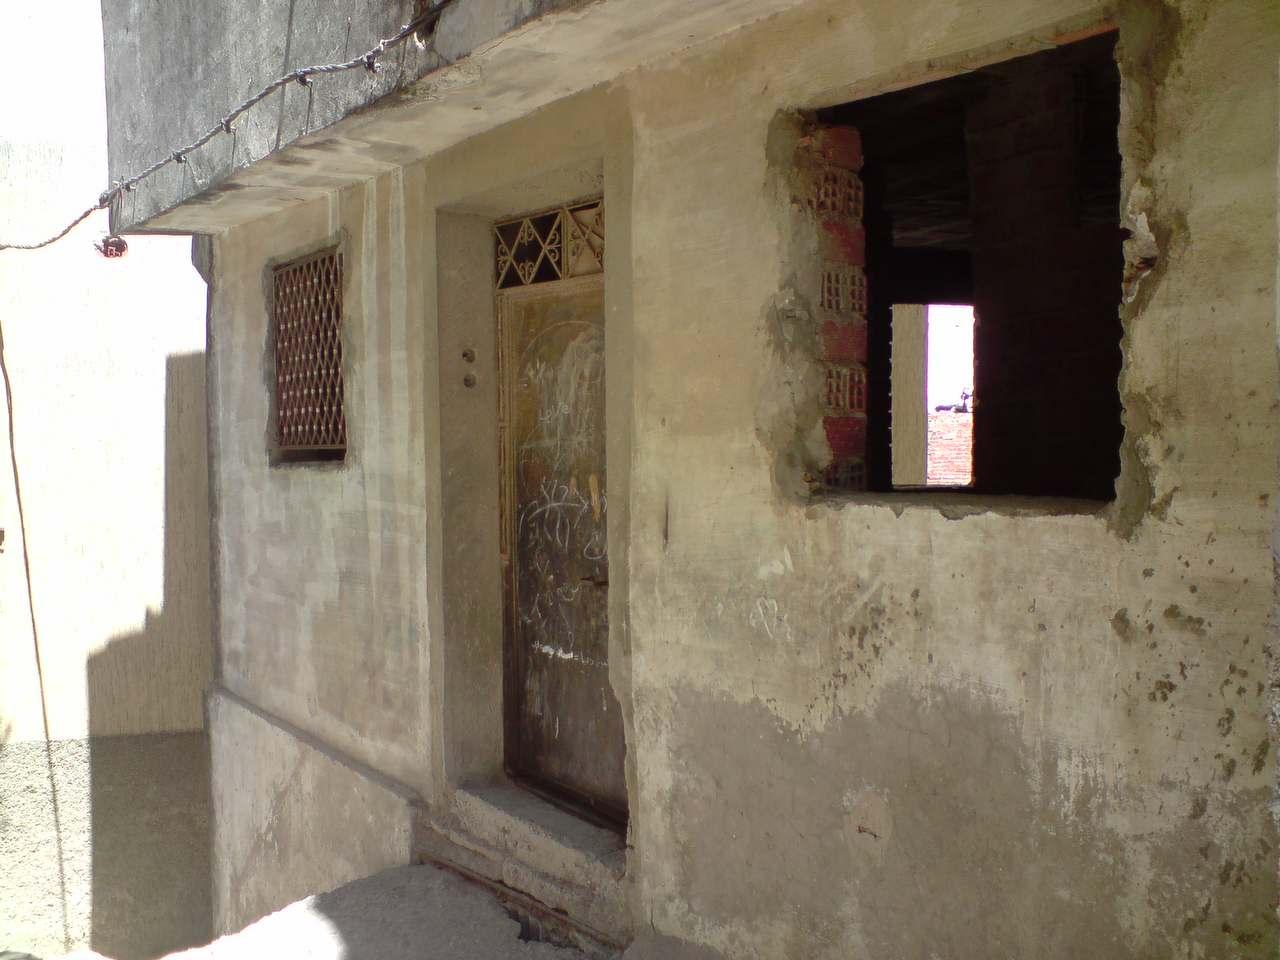 maison vendre tanger maroc vente maison tanger pas cher p4. Black Bedroom Furniture Sets. Home Design Ideas